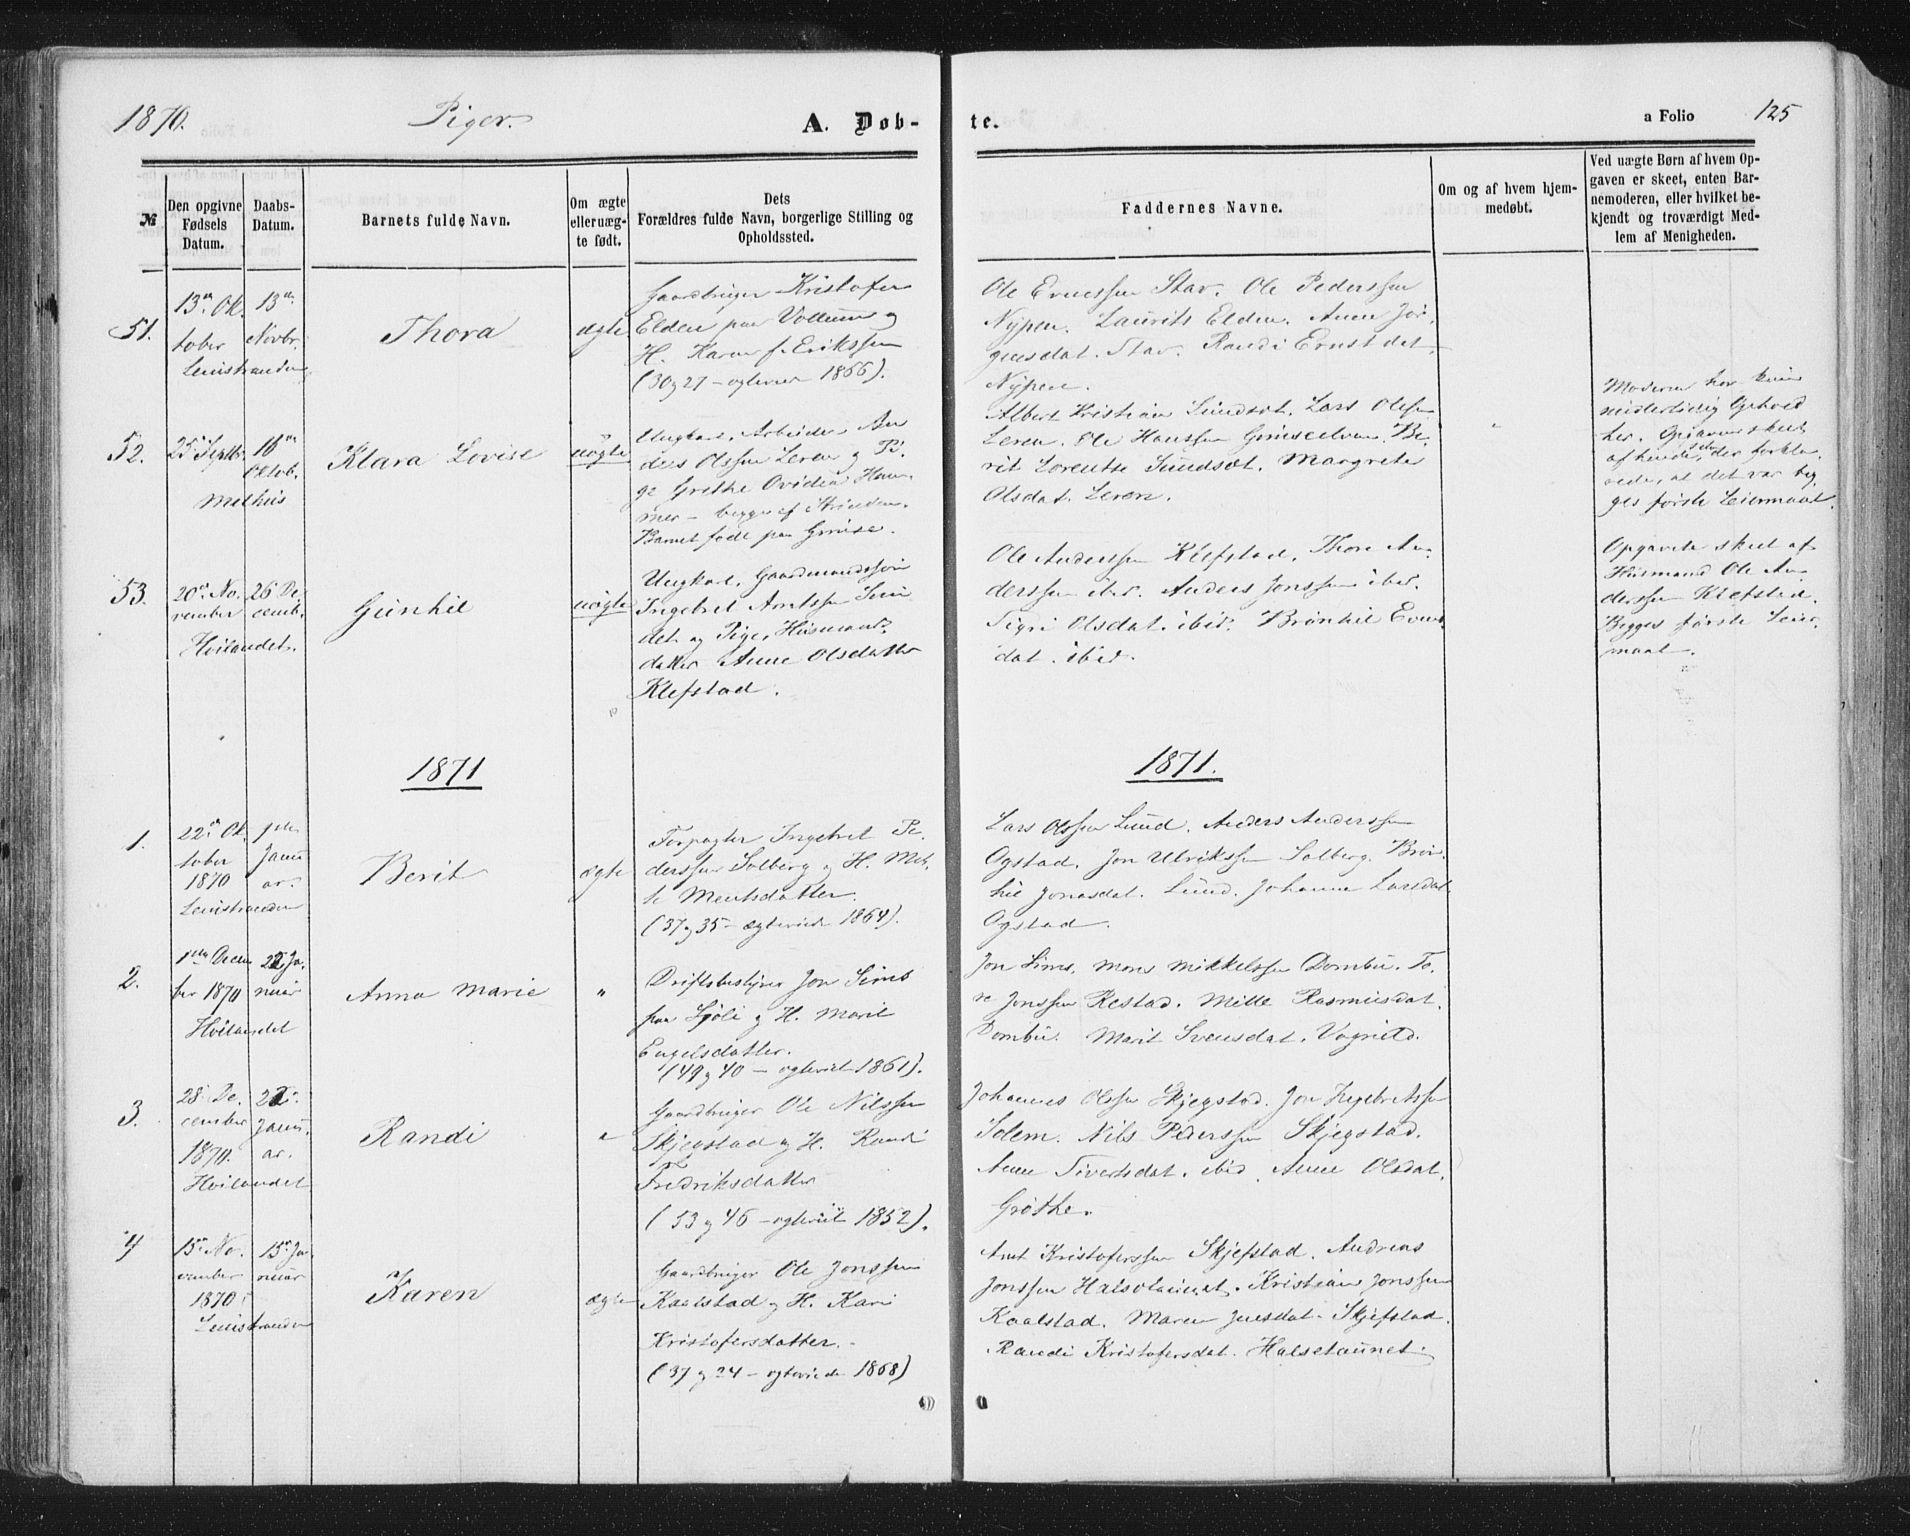 SAT, Ministerialprotokoller, klokkerbøker og fødselsregistre - Sør-Trøndelag, 691/L1077: Ministerialbok nr. 691A09, 1862-1873, s. 125